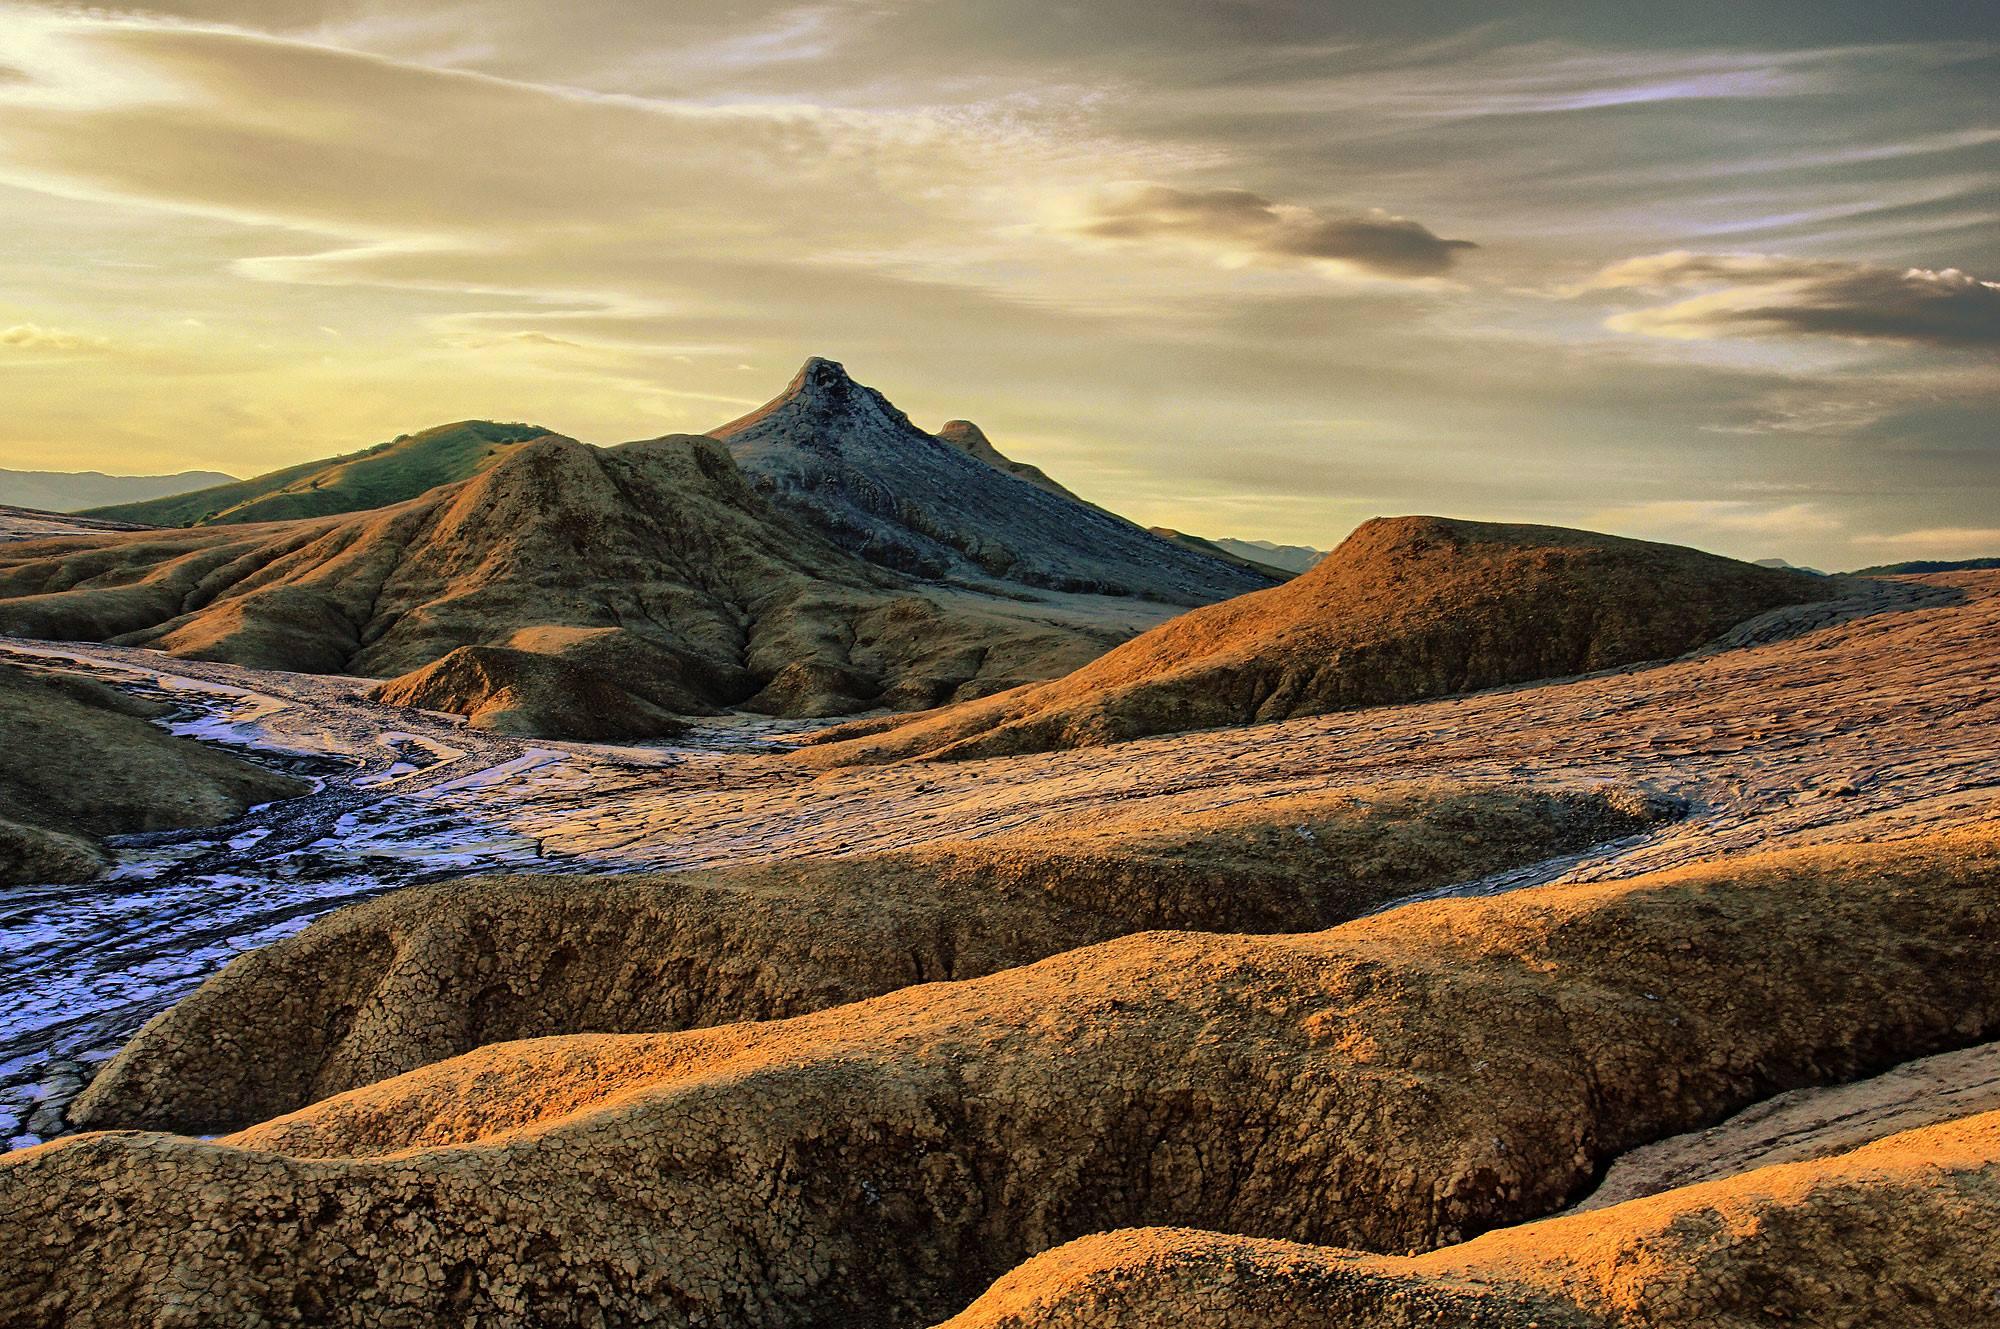 Vulcanii Noroioși Pâclele Mici